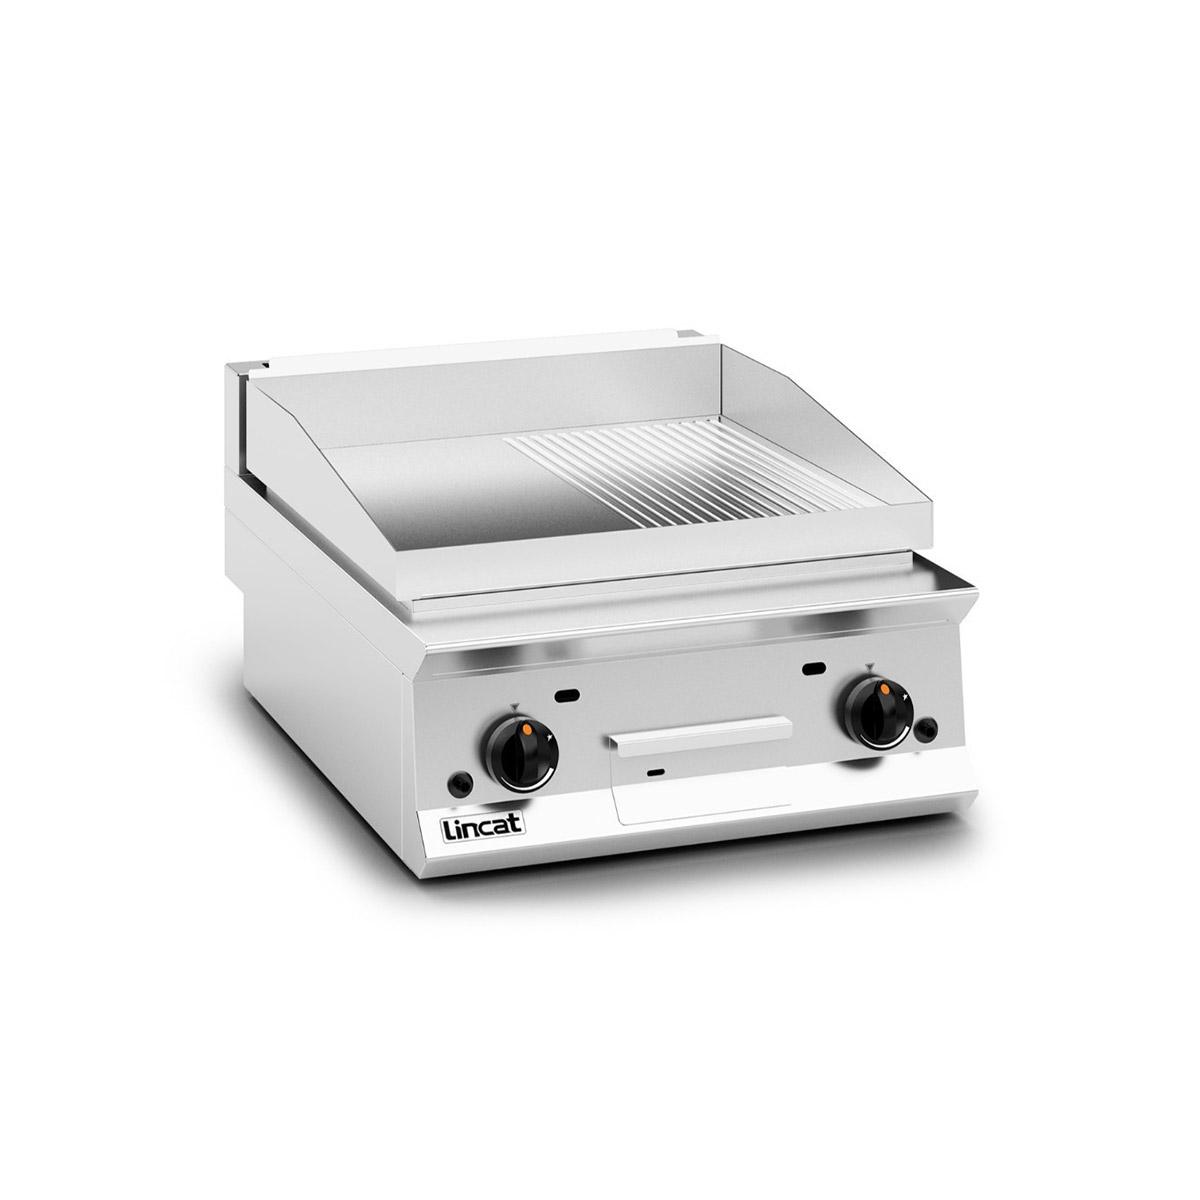 Lincat Opus 800 Half Ribbed Gas Griddle Model: OG8201/R/N (Natural Gas)